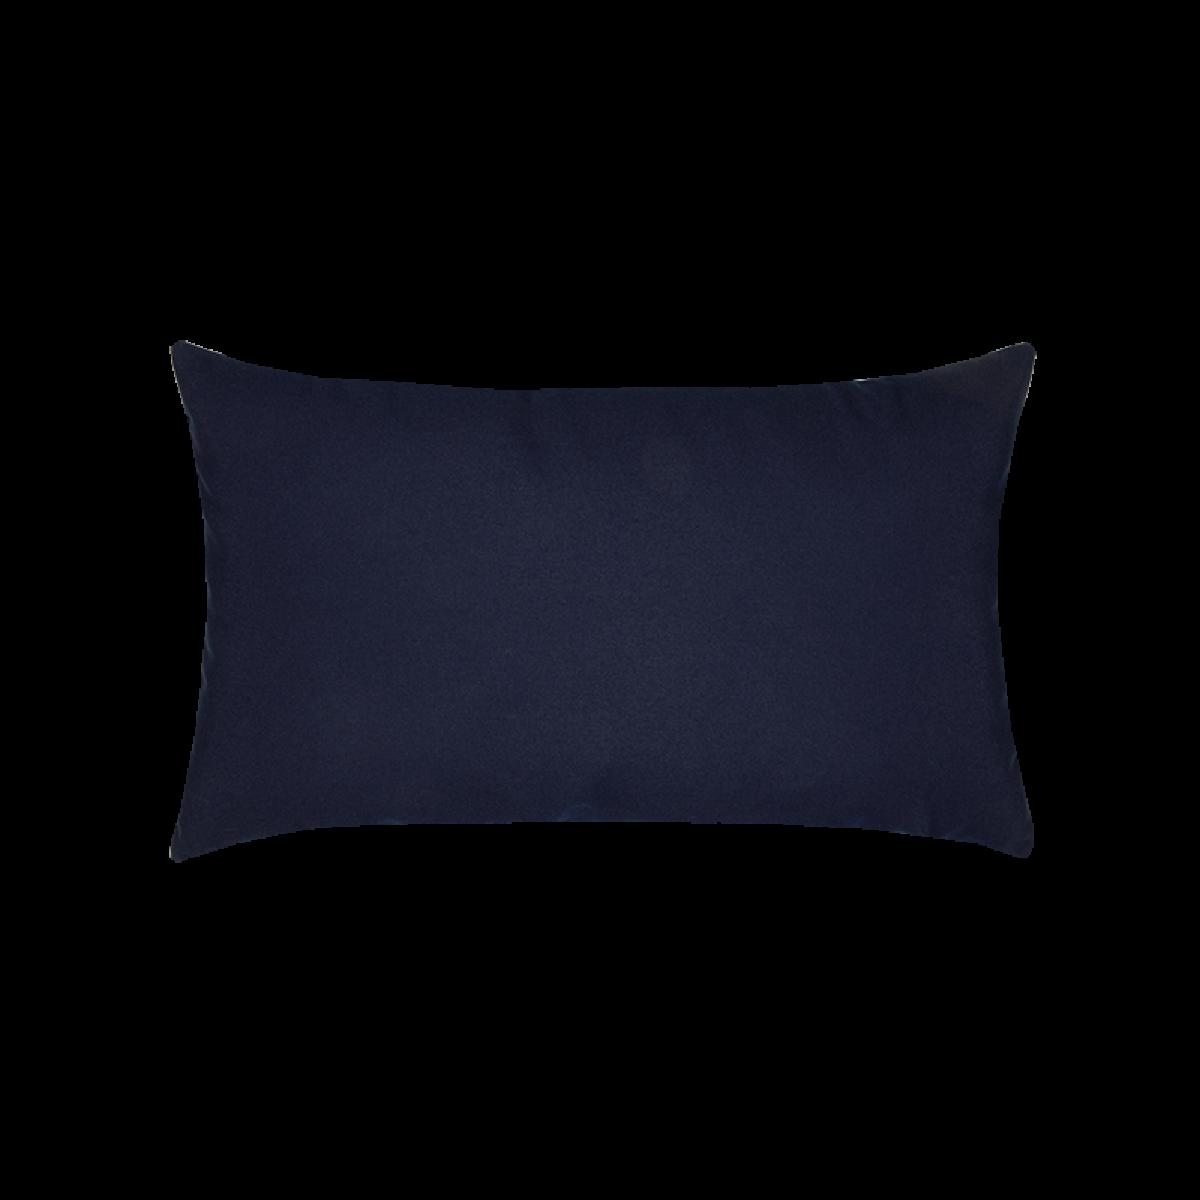 Canvas Navy Essentials Lumbar Pillow